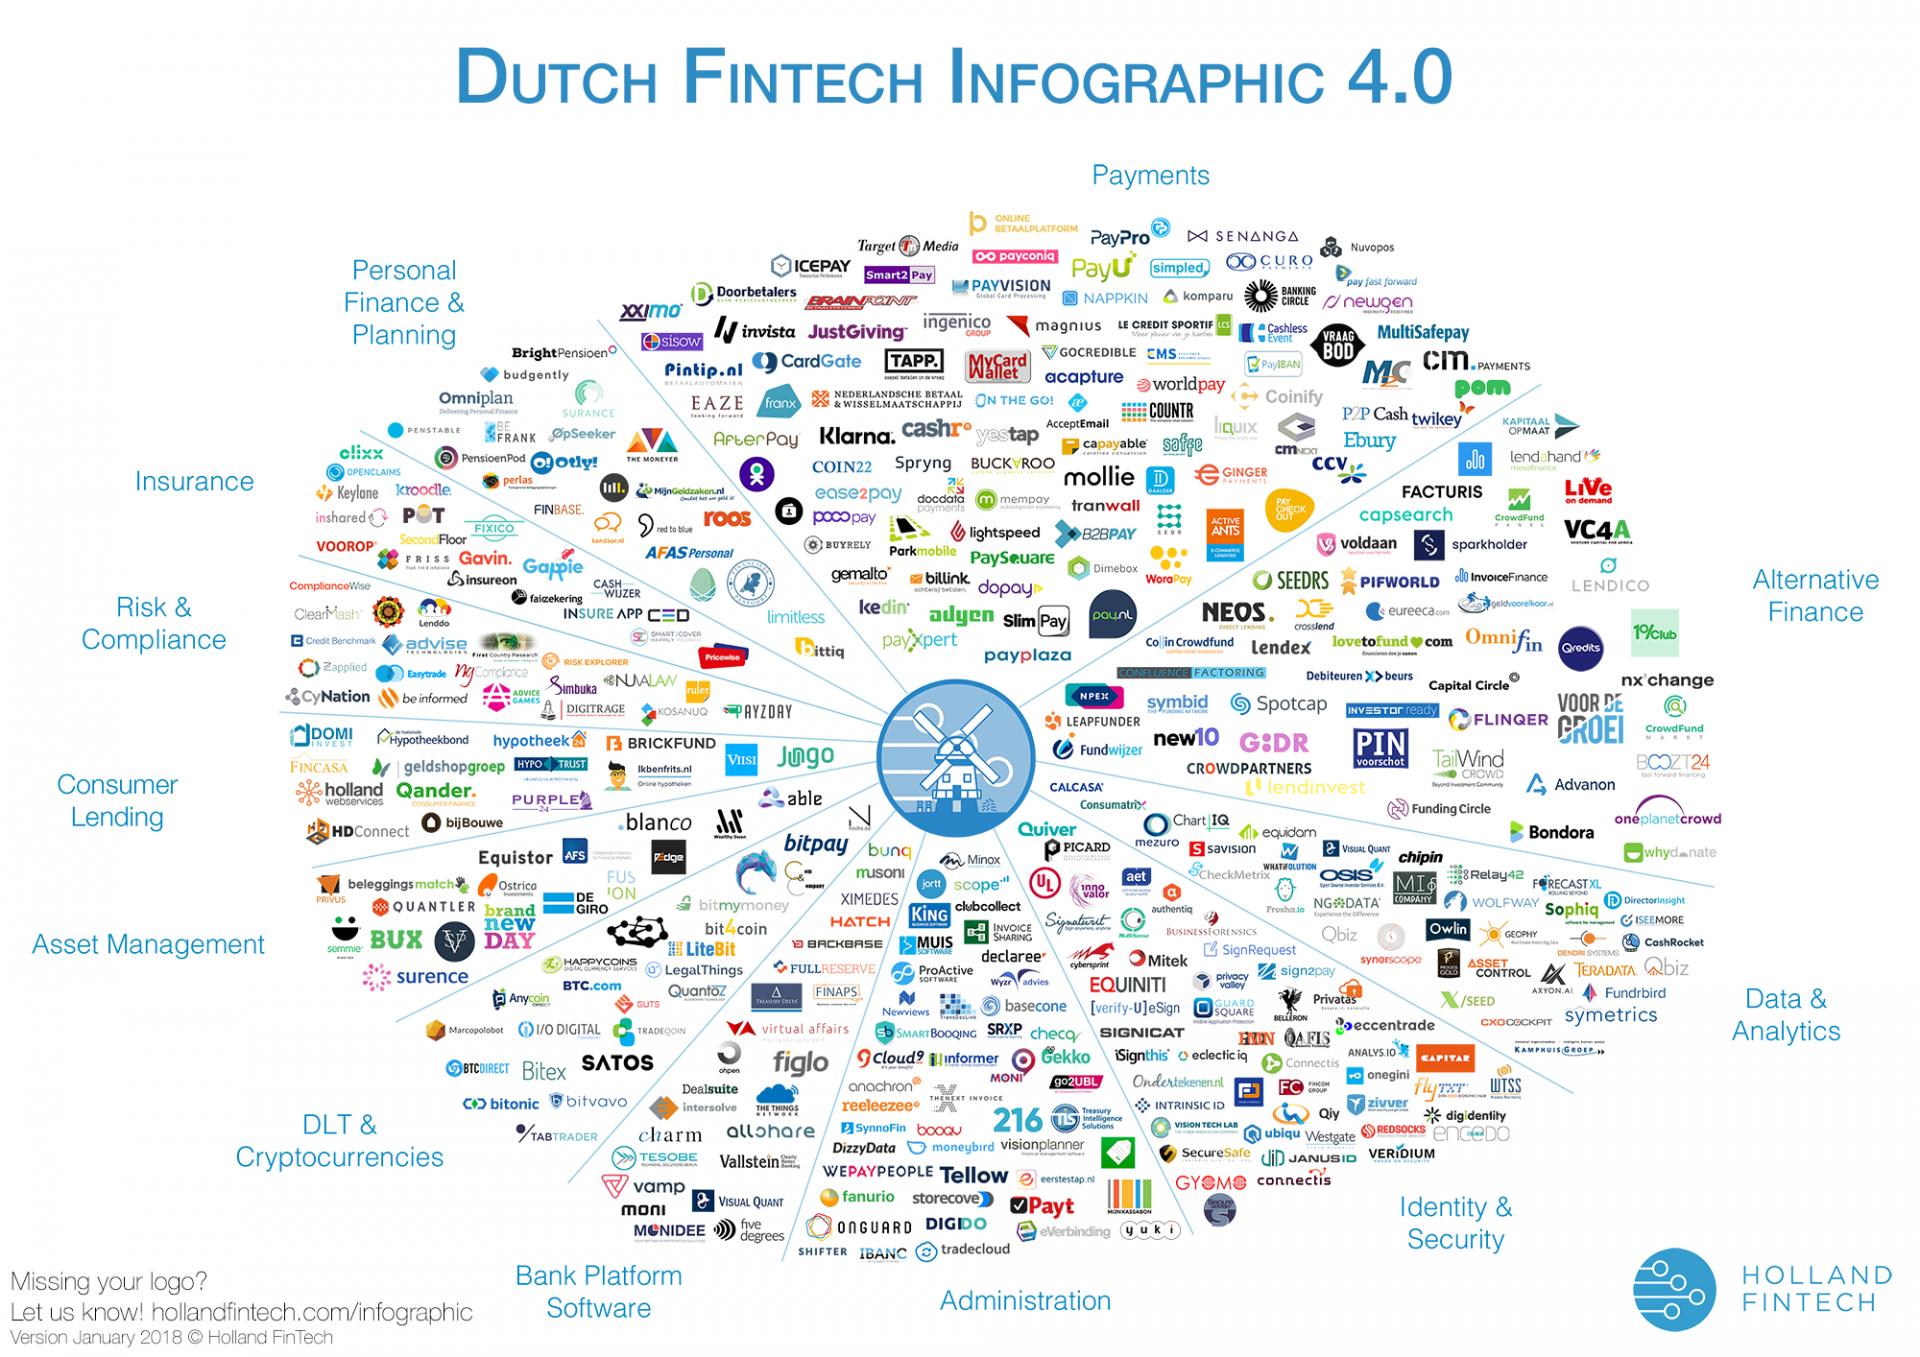 Dutch Fintech Infographic